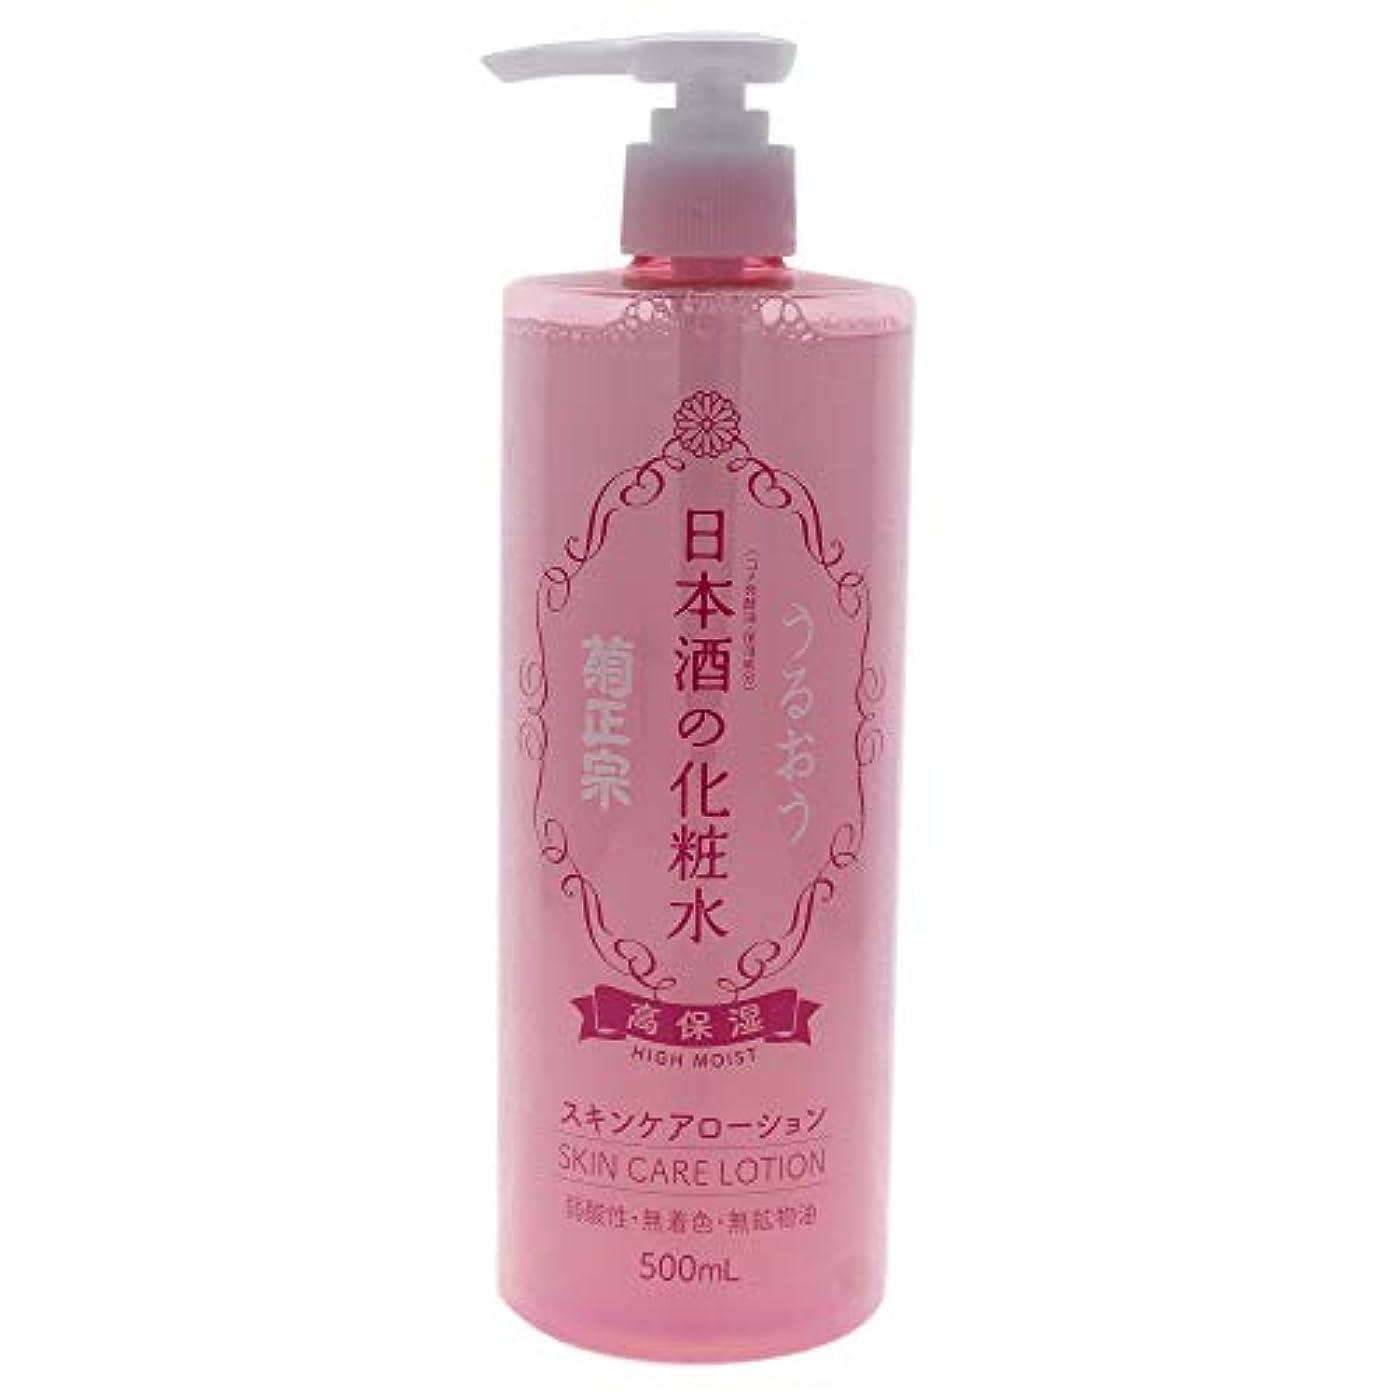 均等に変化ほめる菊正宗 日本酒の化粧水 高保湿 単品 500ml